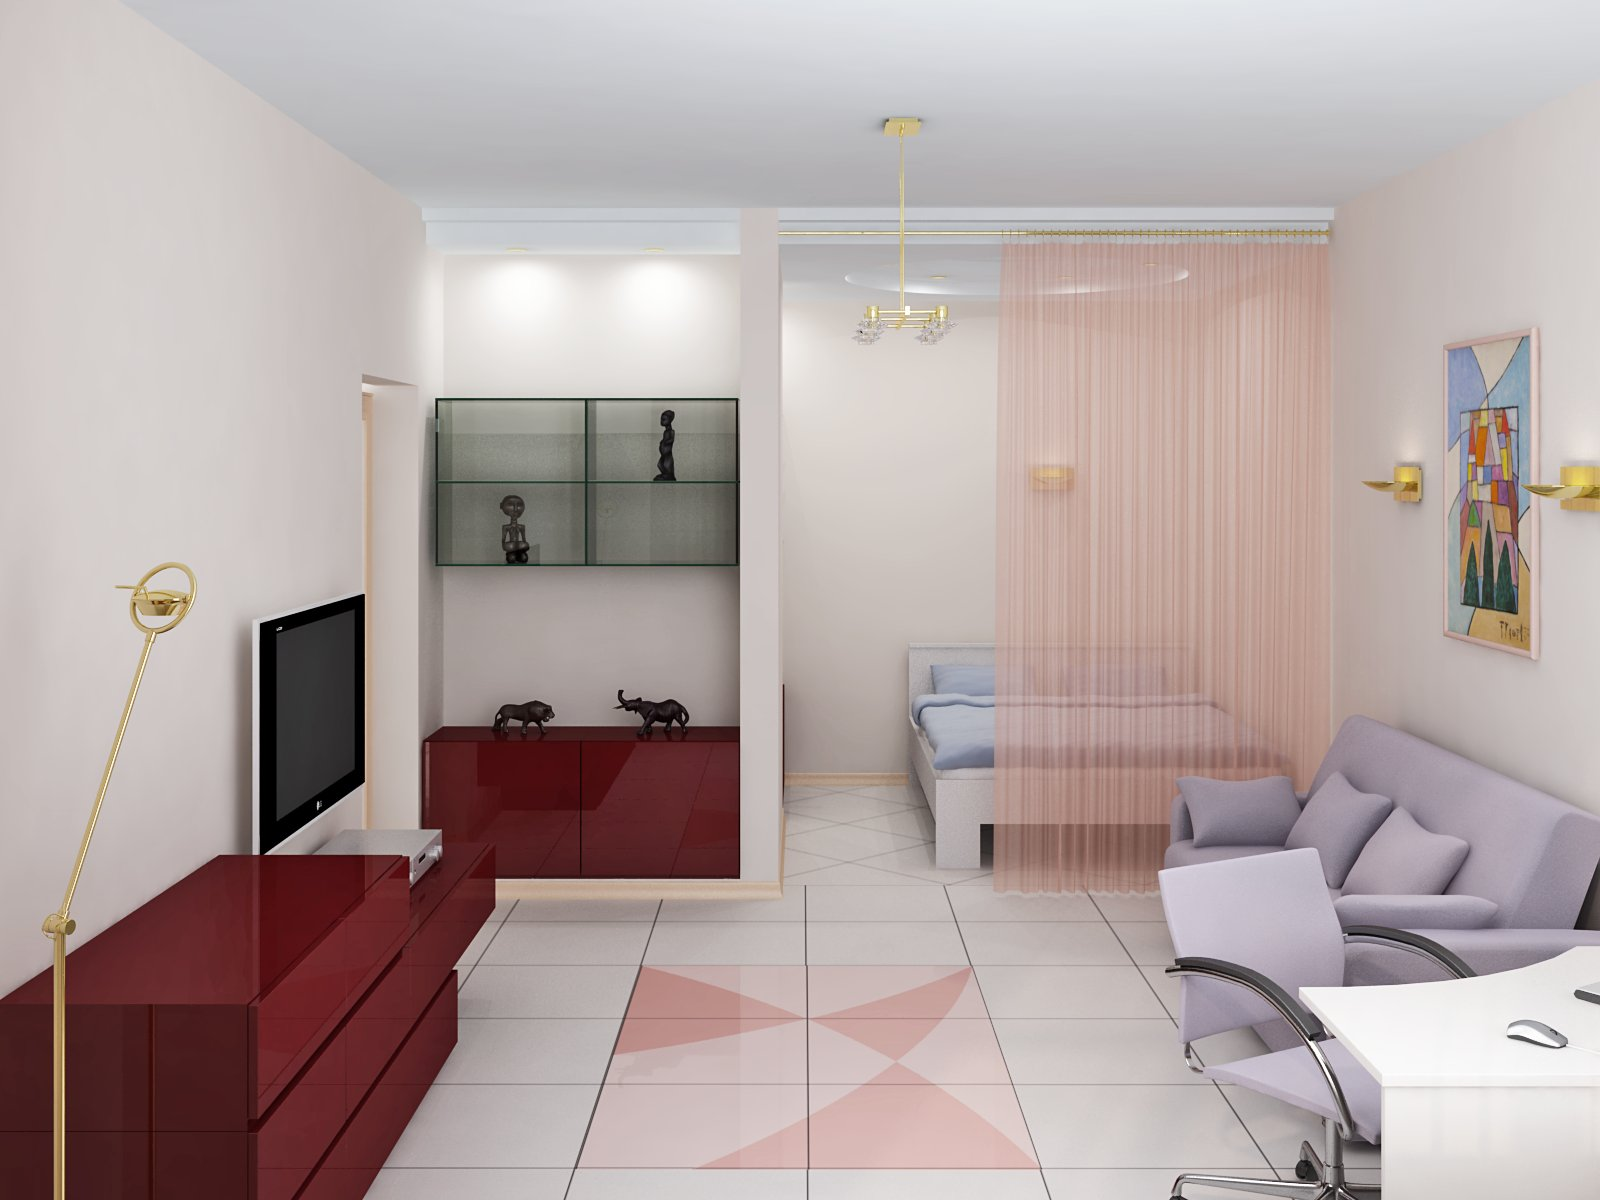 дизайн мебели в маленькой прихожей фото